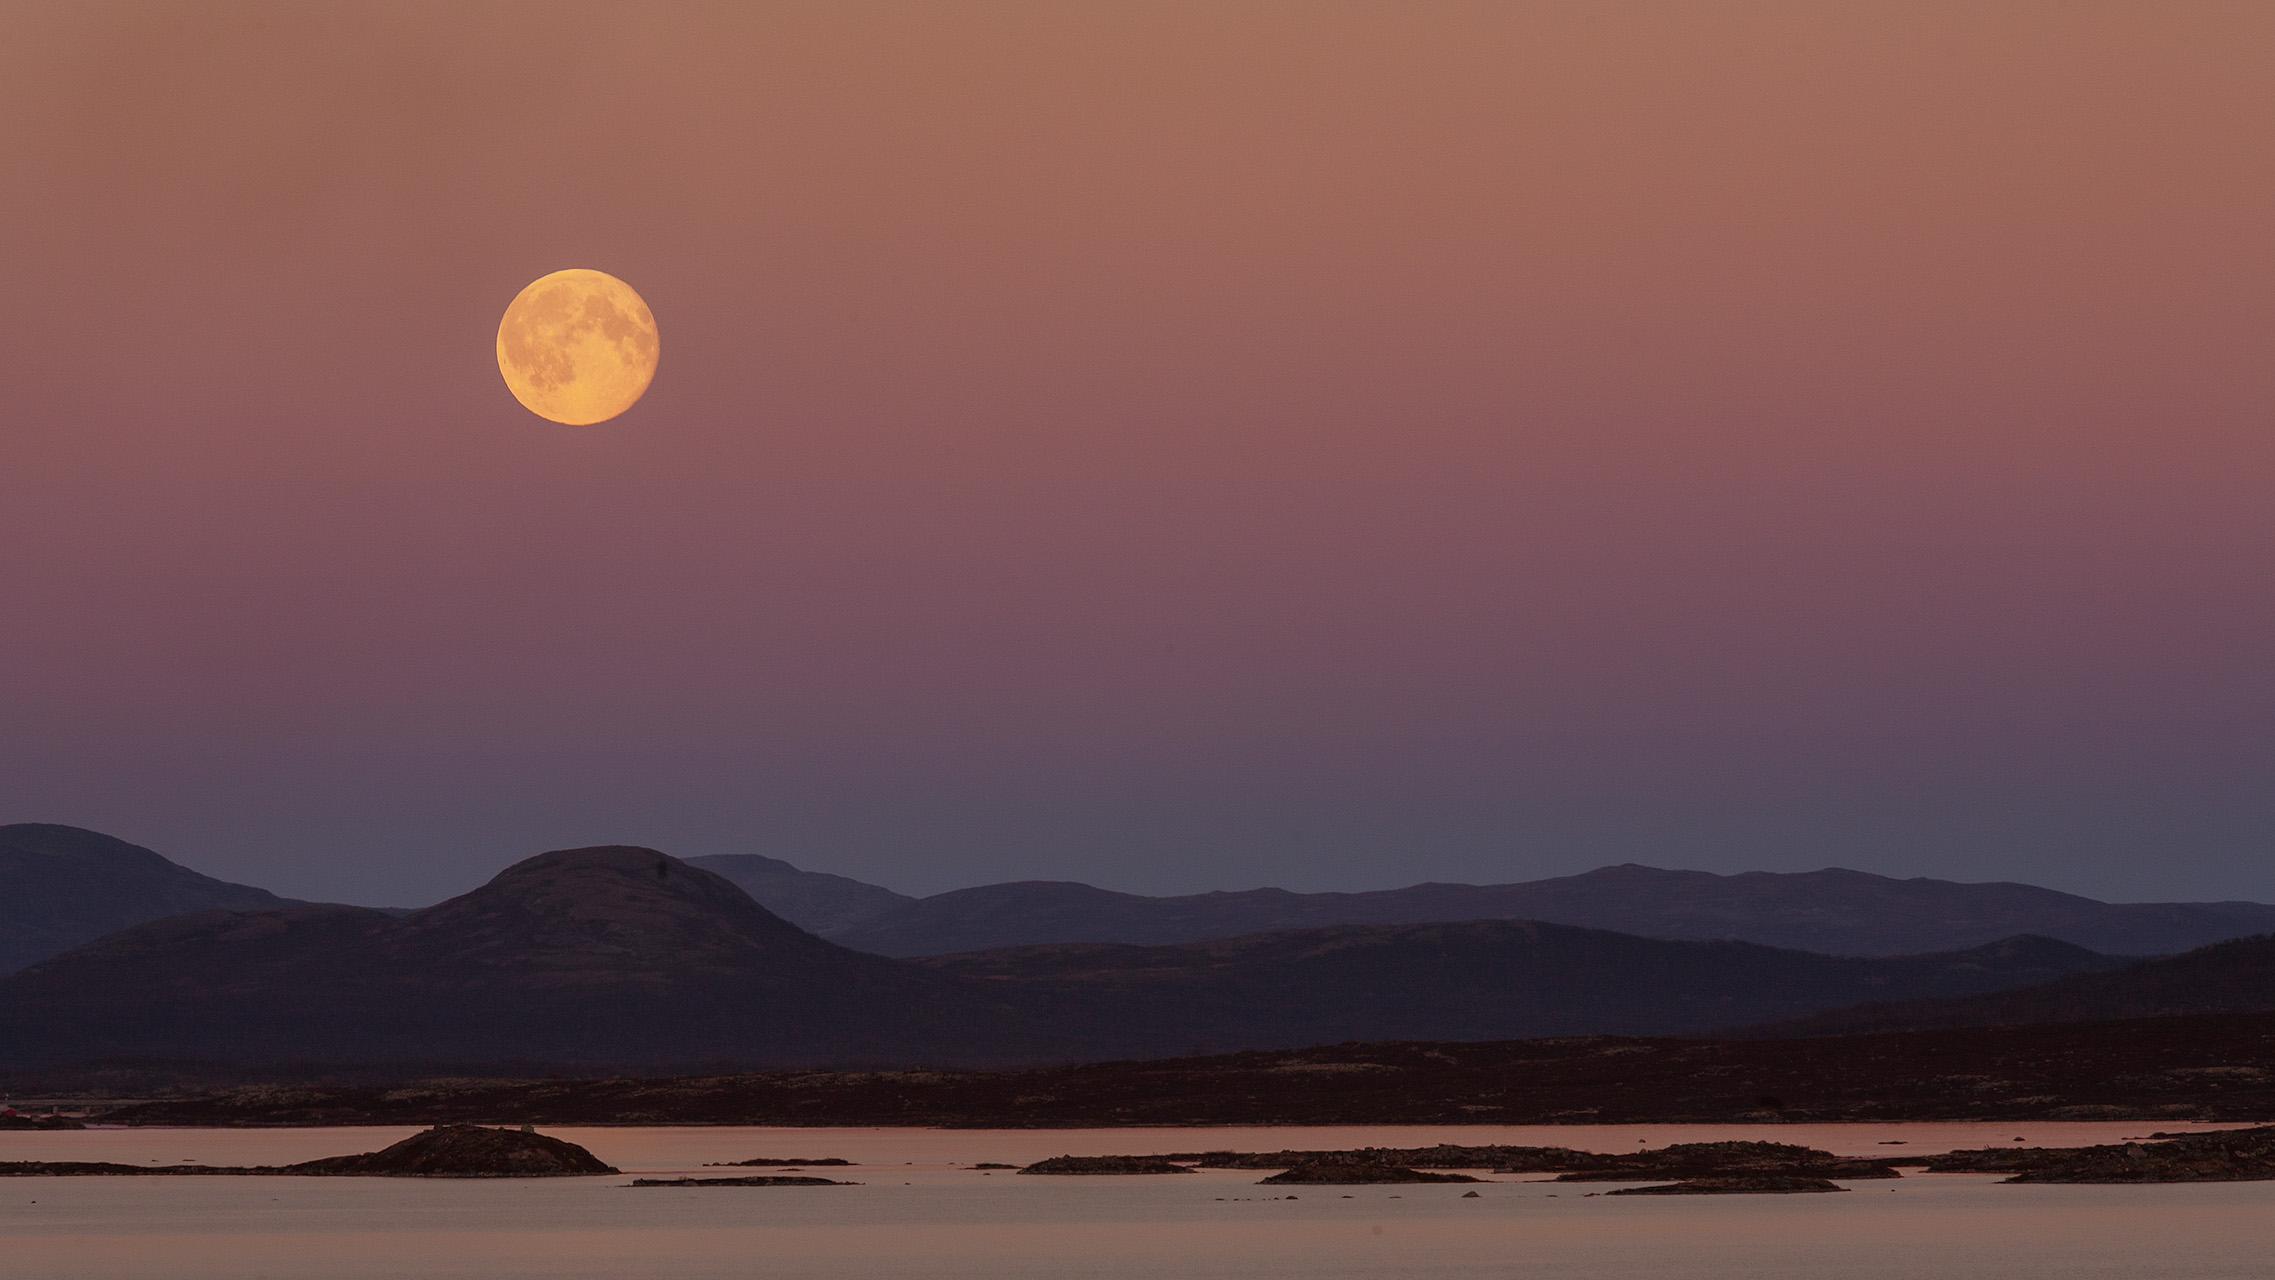 Volle maan tijdens de schemering met aardschaduw. De foto is gemaakt in Rondane Noorwegen